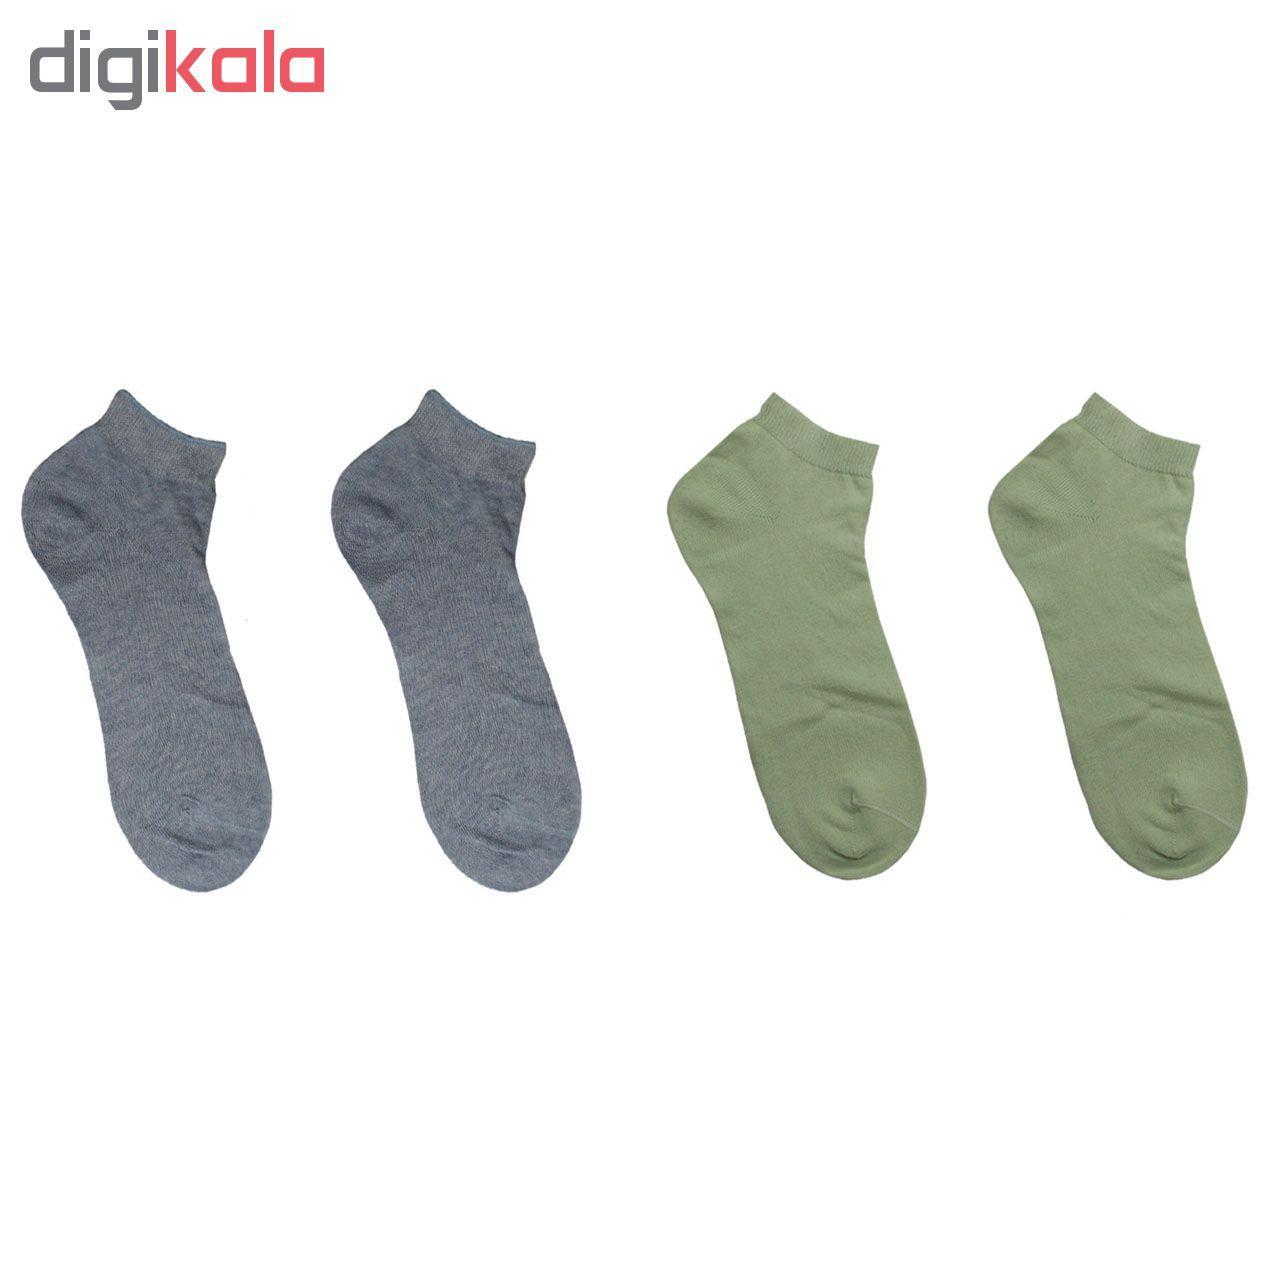 جوراب مردانه نوردای آلمانی آبی سبز کد 394413/1 بسته 4 عددی main 1 1